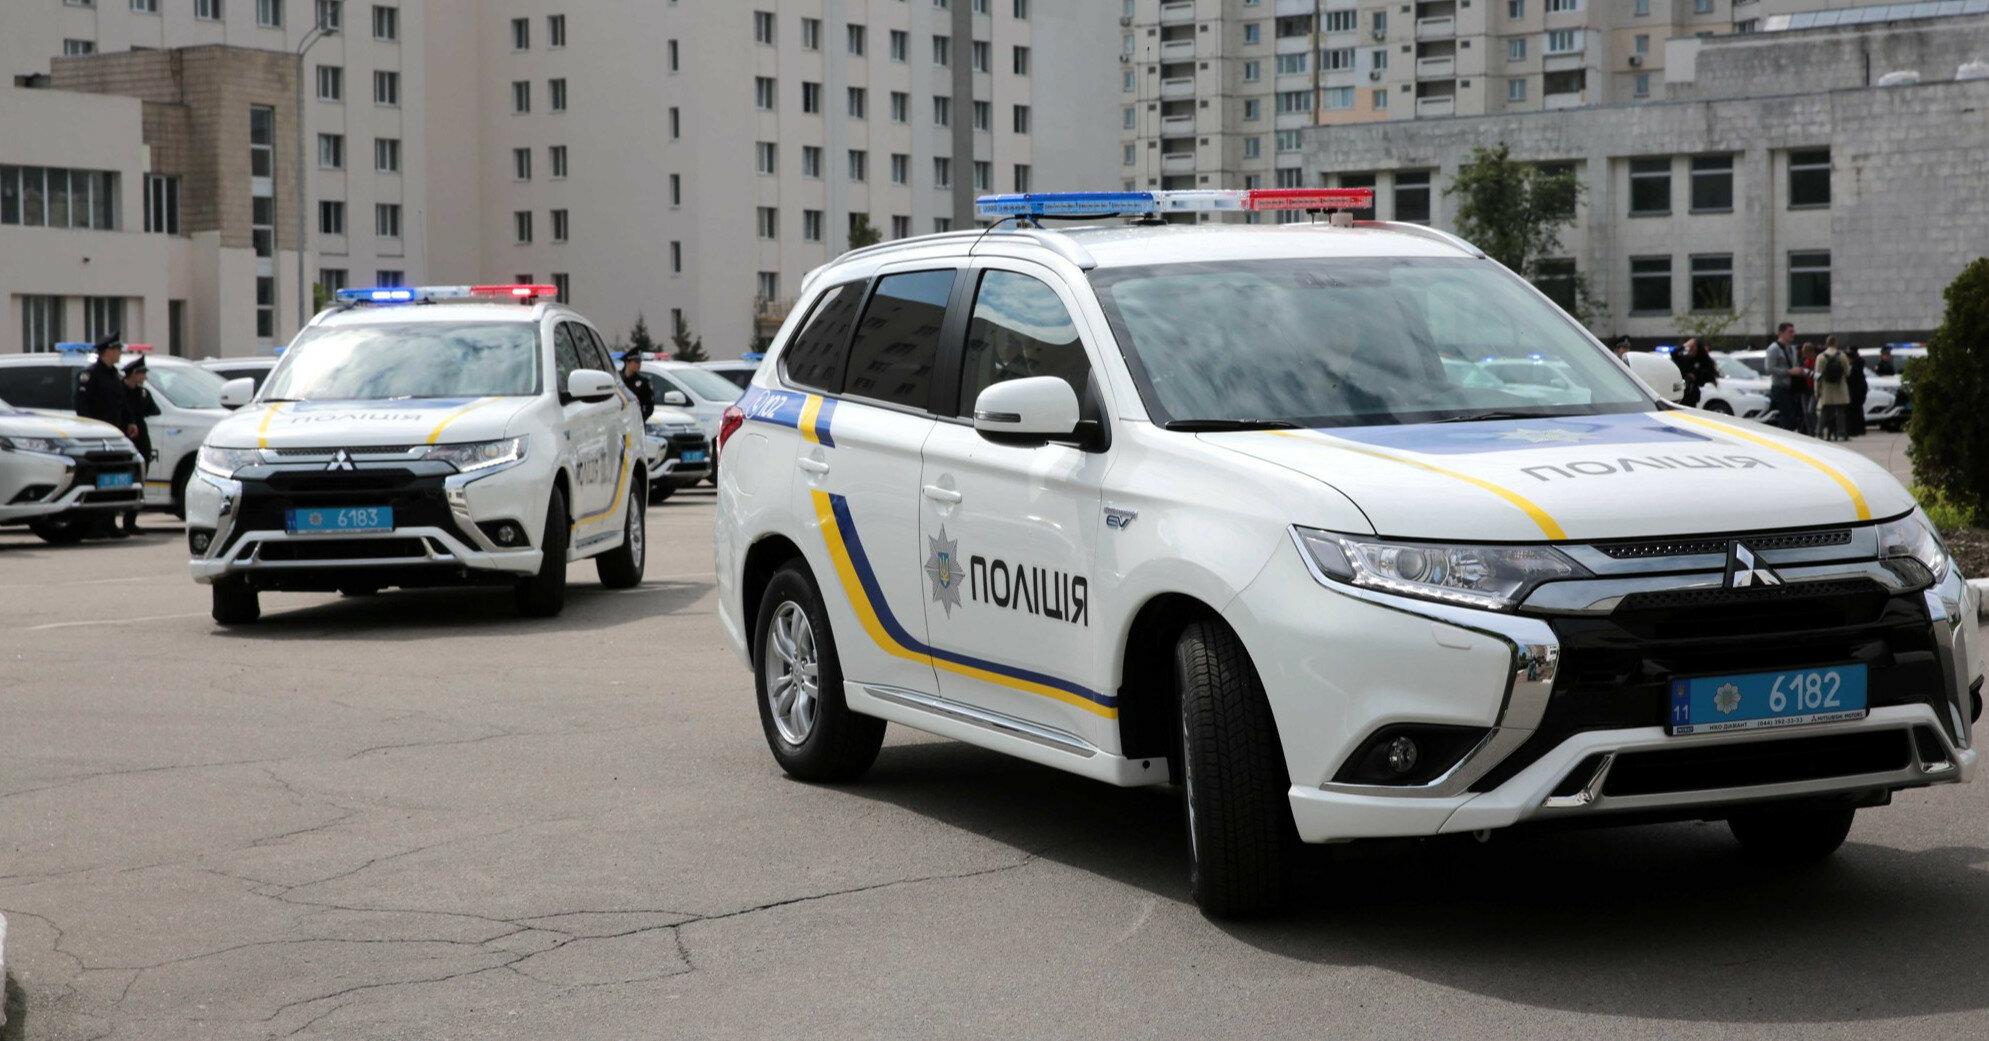 Полиция задержала мужчину, разгуливавшего с гранатой по Харькову